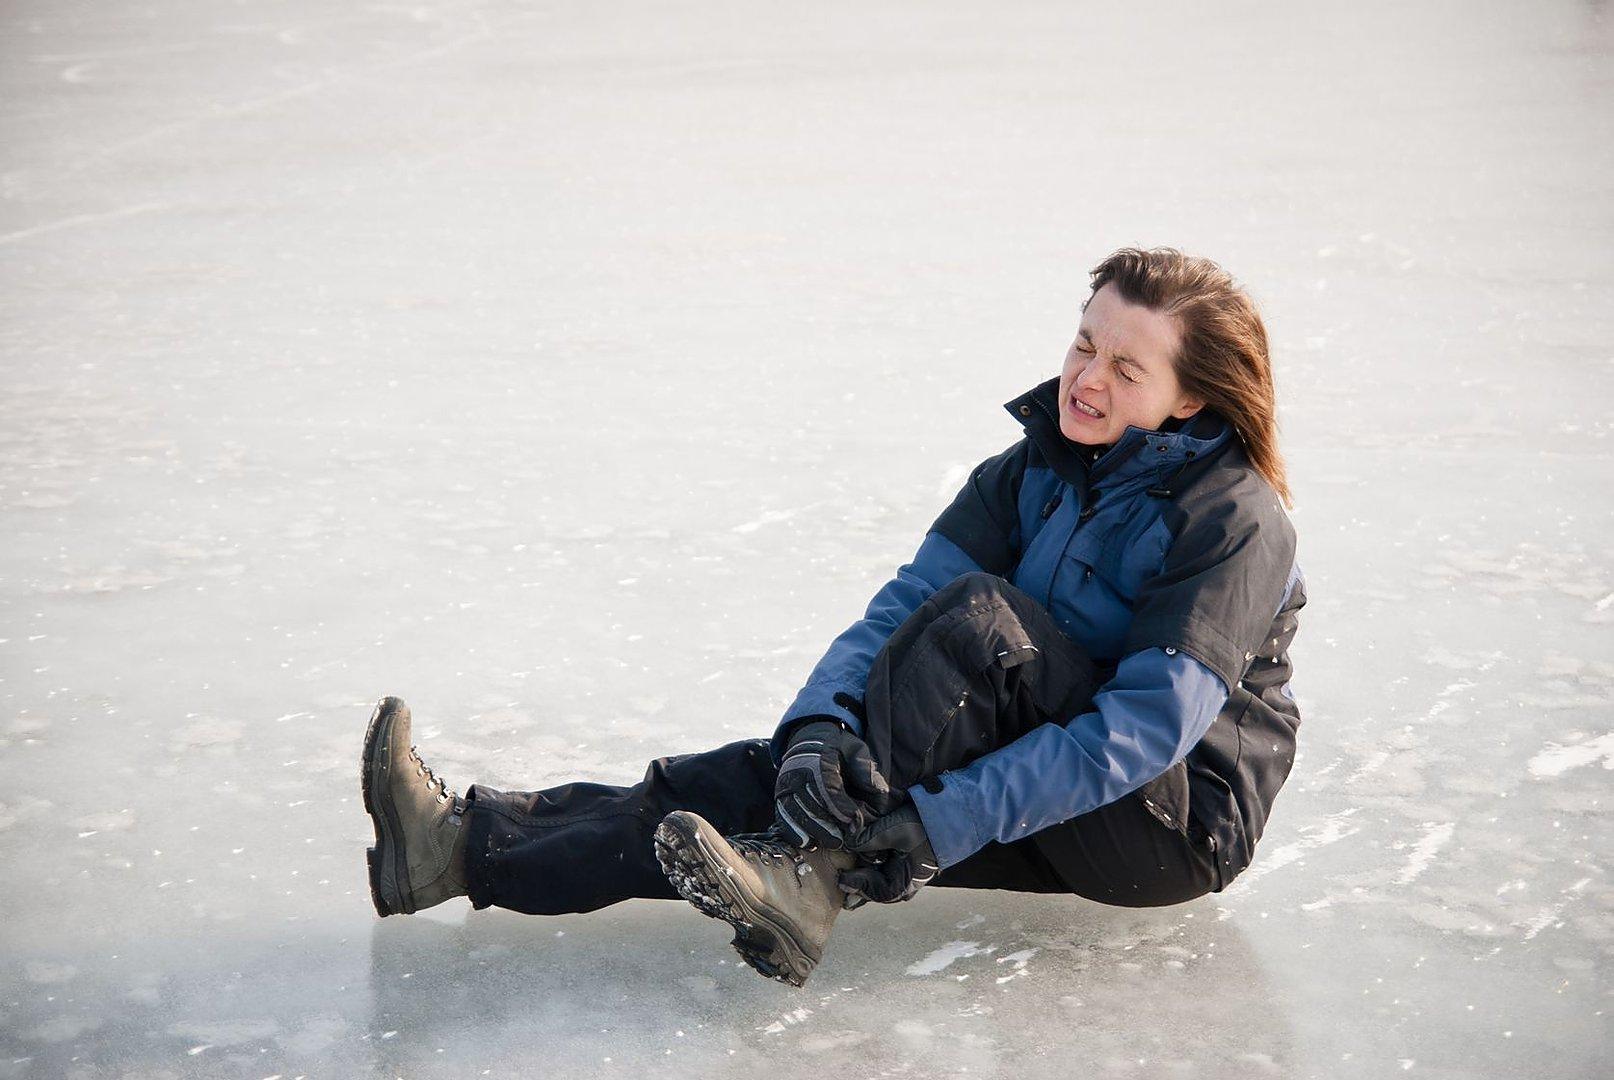 Жителям Романовского сельского поселения рассказали как избежать несчастных случаев на льду